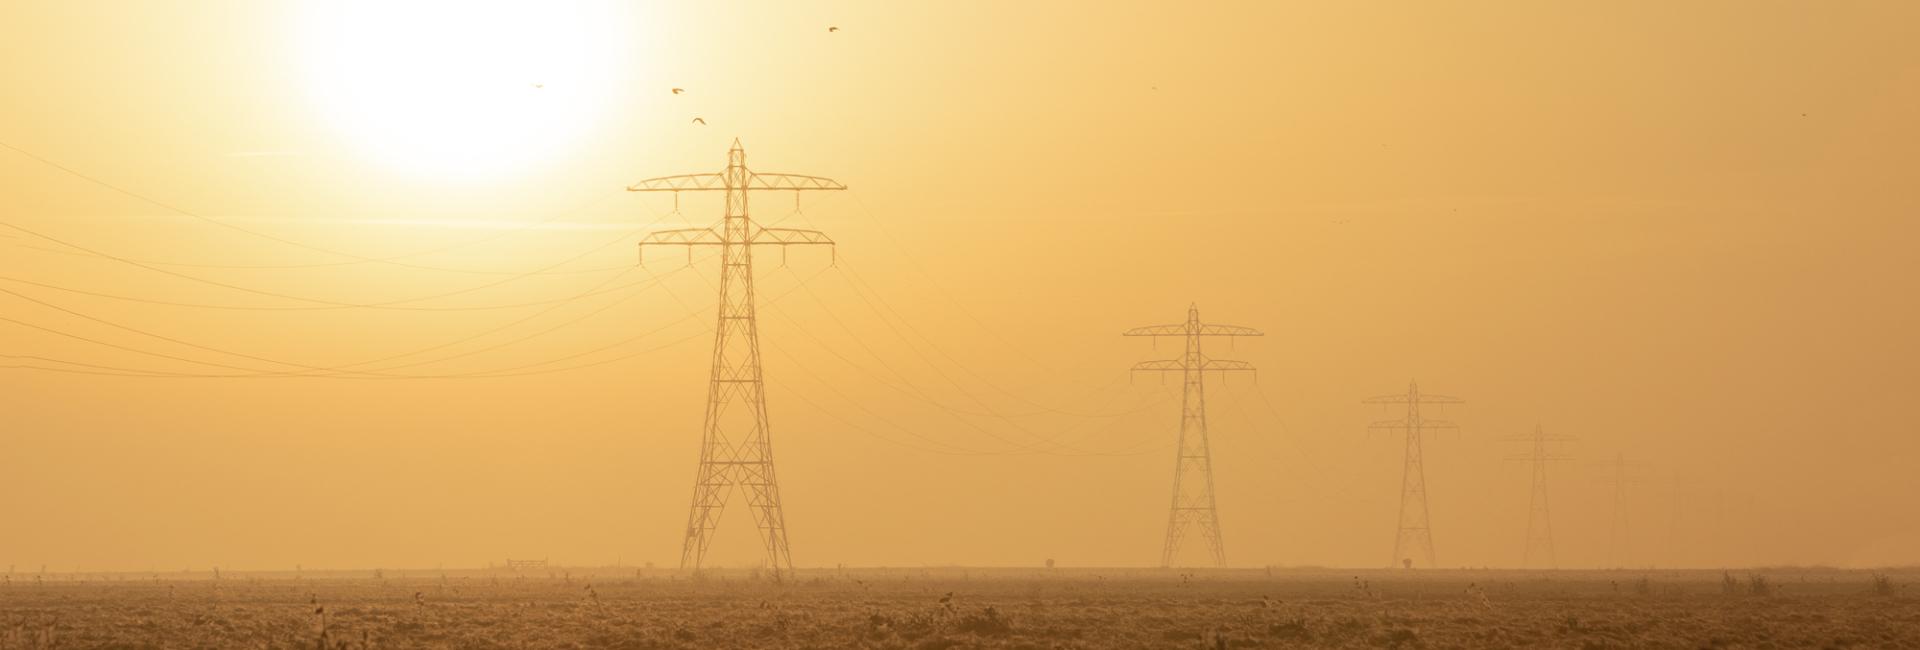 Daarom houden onze energieprofessionals u op de hoogte van de wet- en regelgeving op het gebied van energie en helpen we u hieraan te voldoen zodat u geen risico's loopt.